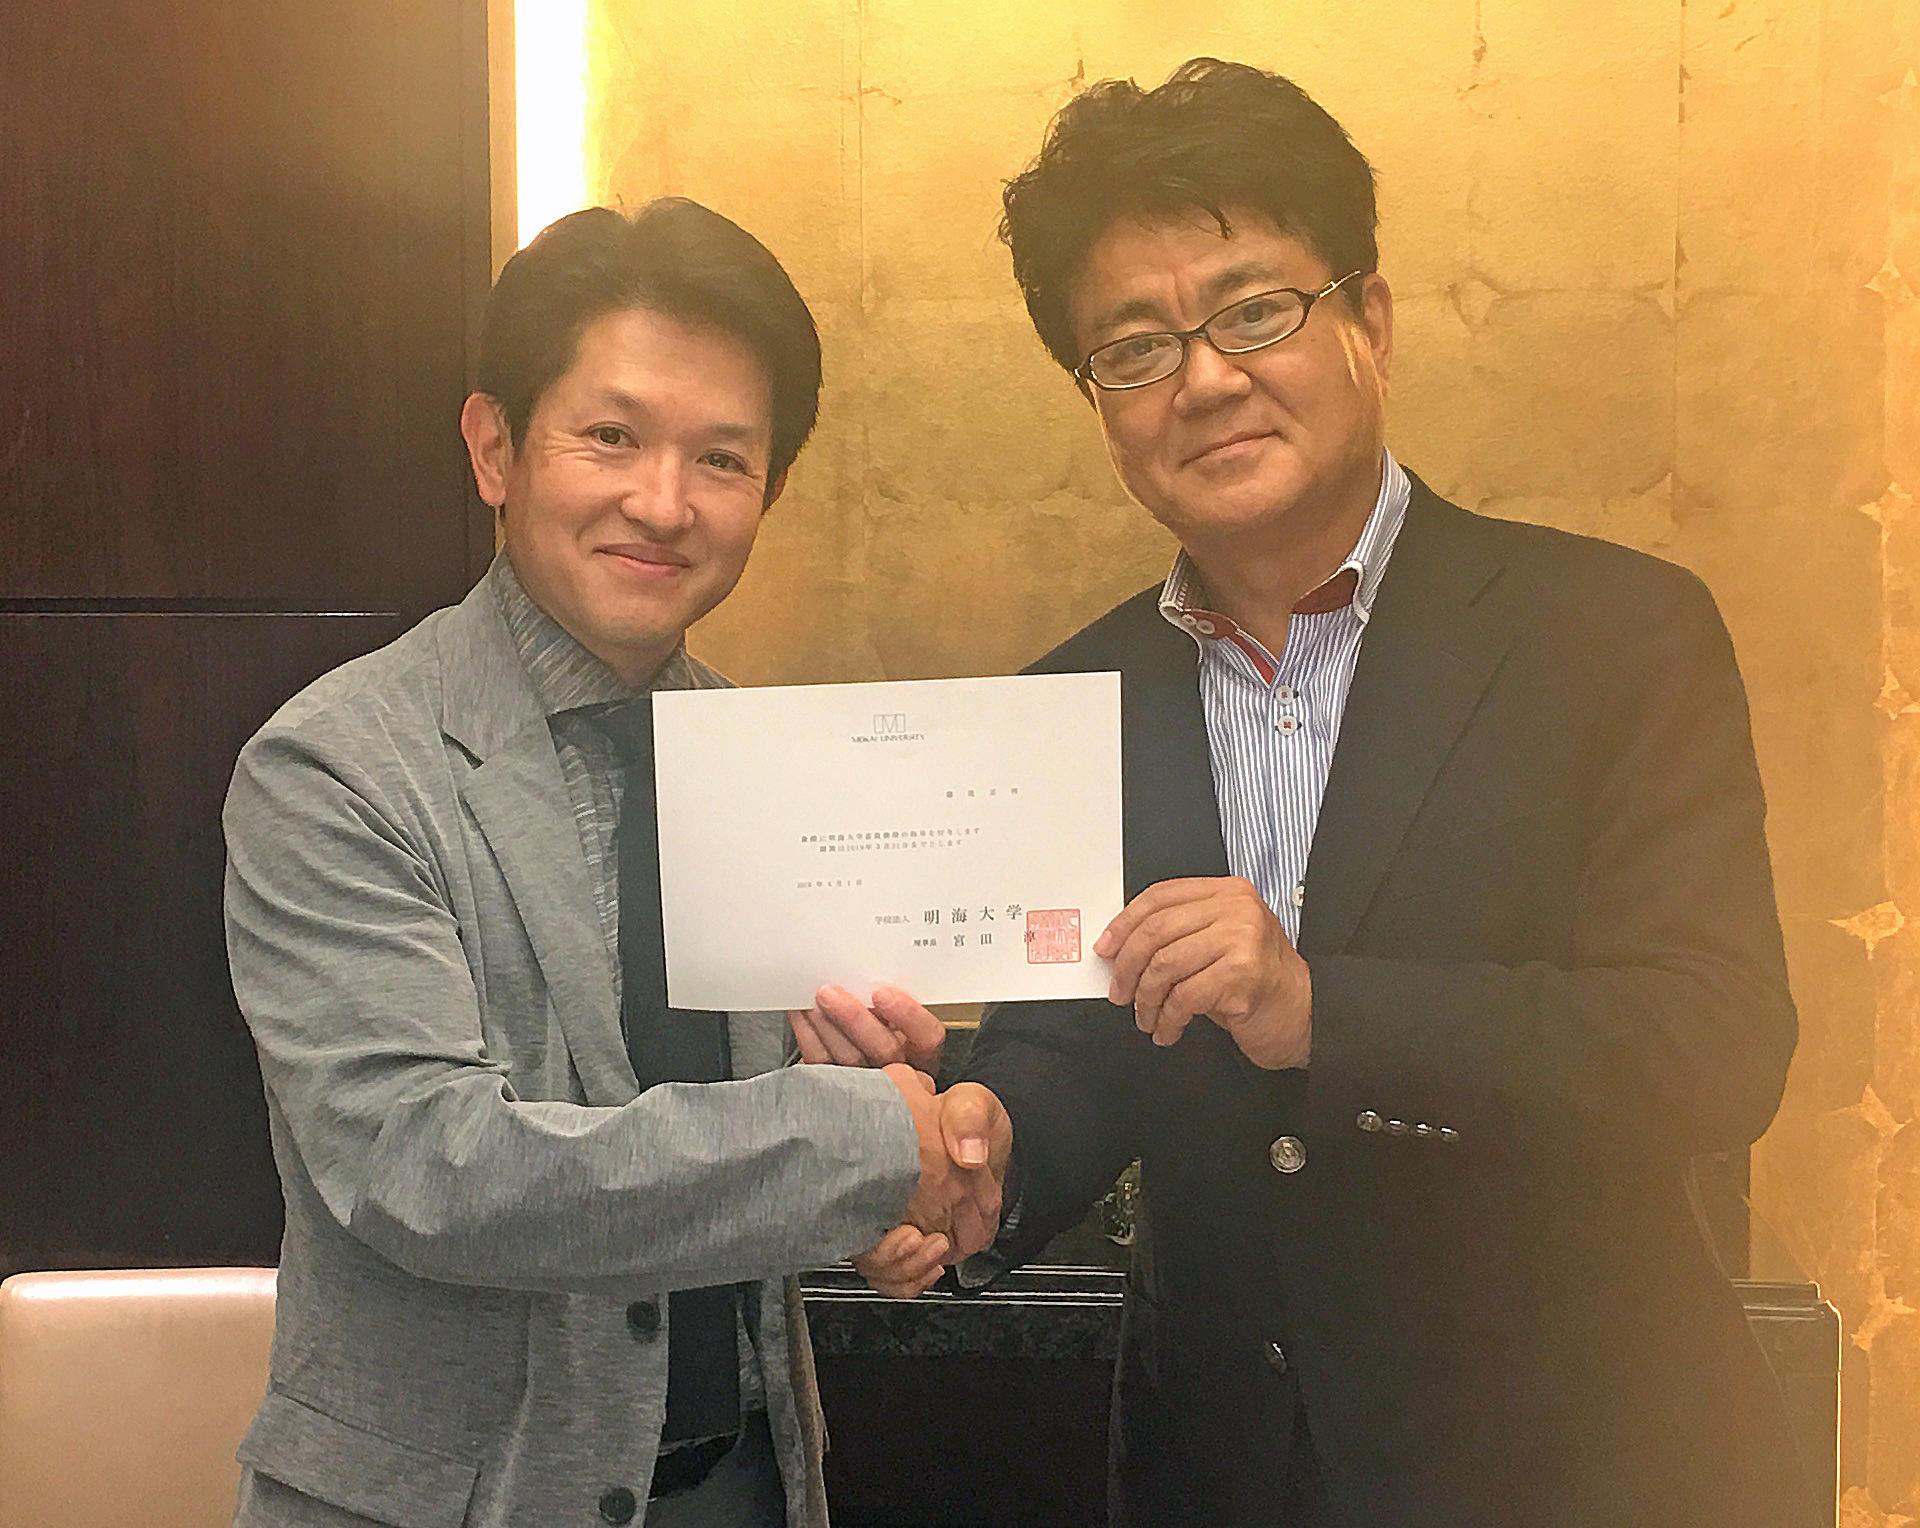 元NHKアナウンサー堀尾正明氏が明海大学の客員教授に就任